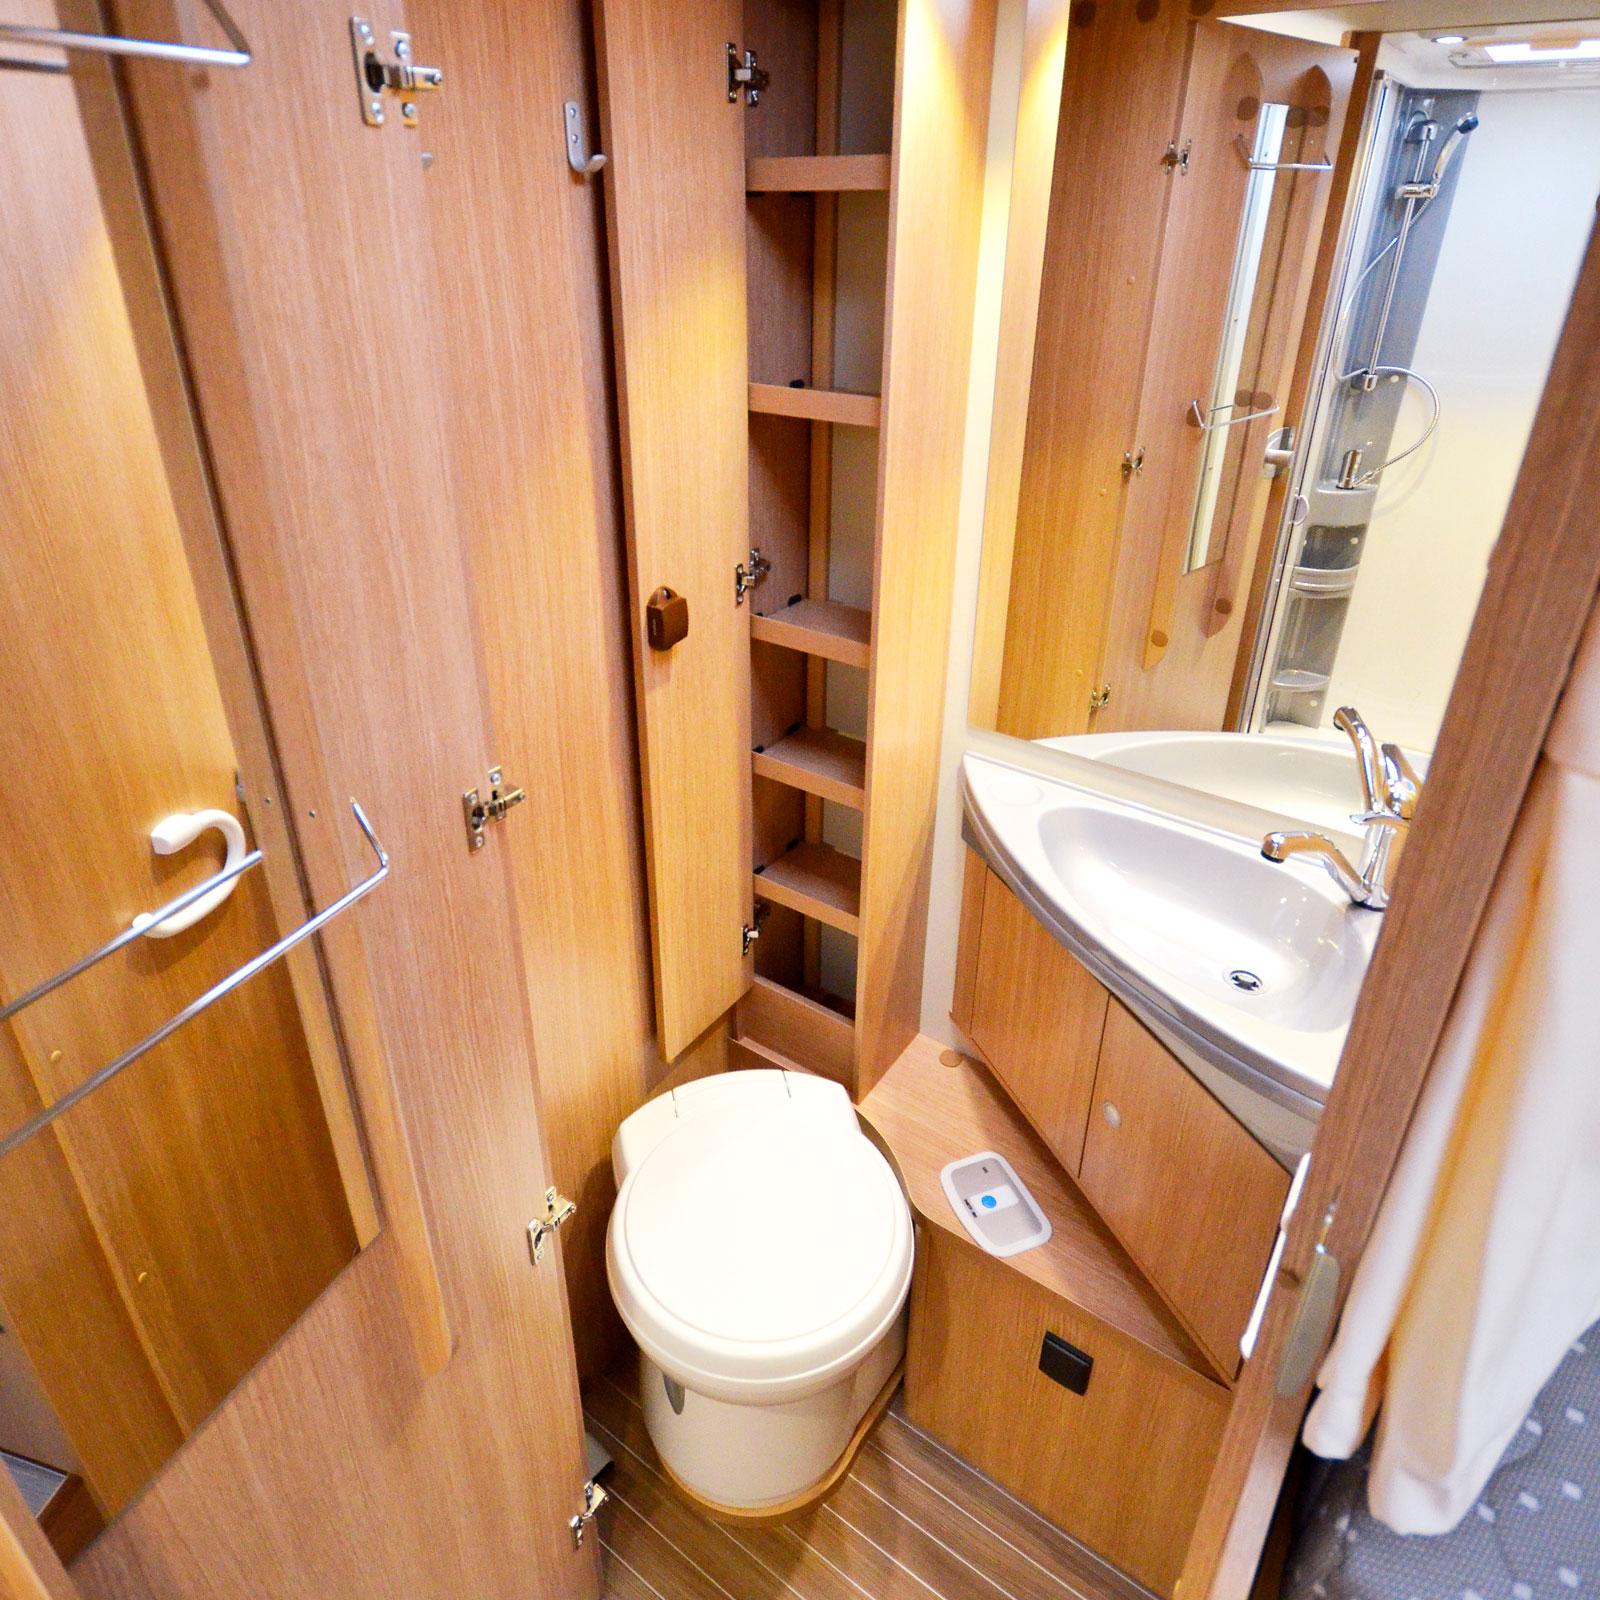 Förvaring. Det är trångt i både dusch och toalettutrymme men båda får sägas vara praktiskt inredda. Bra förvaringsskåp.